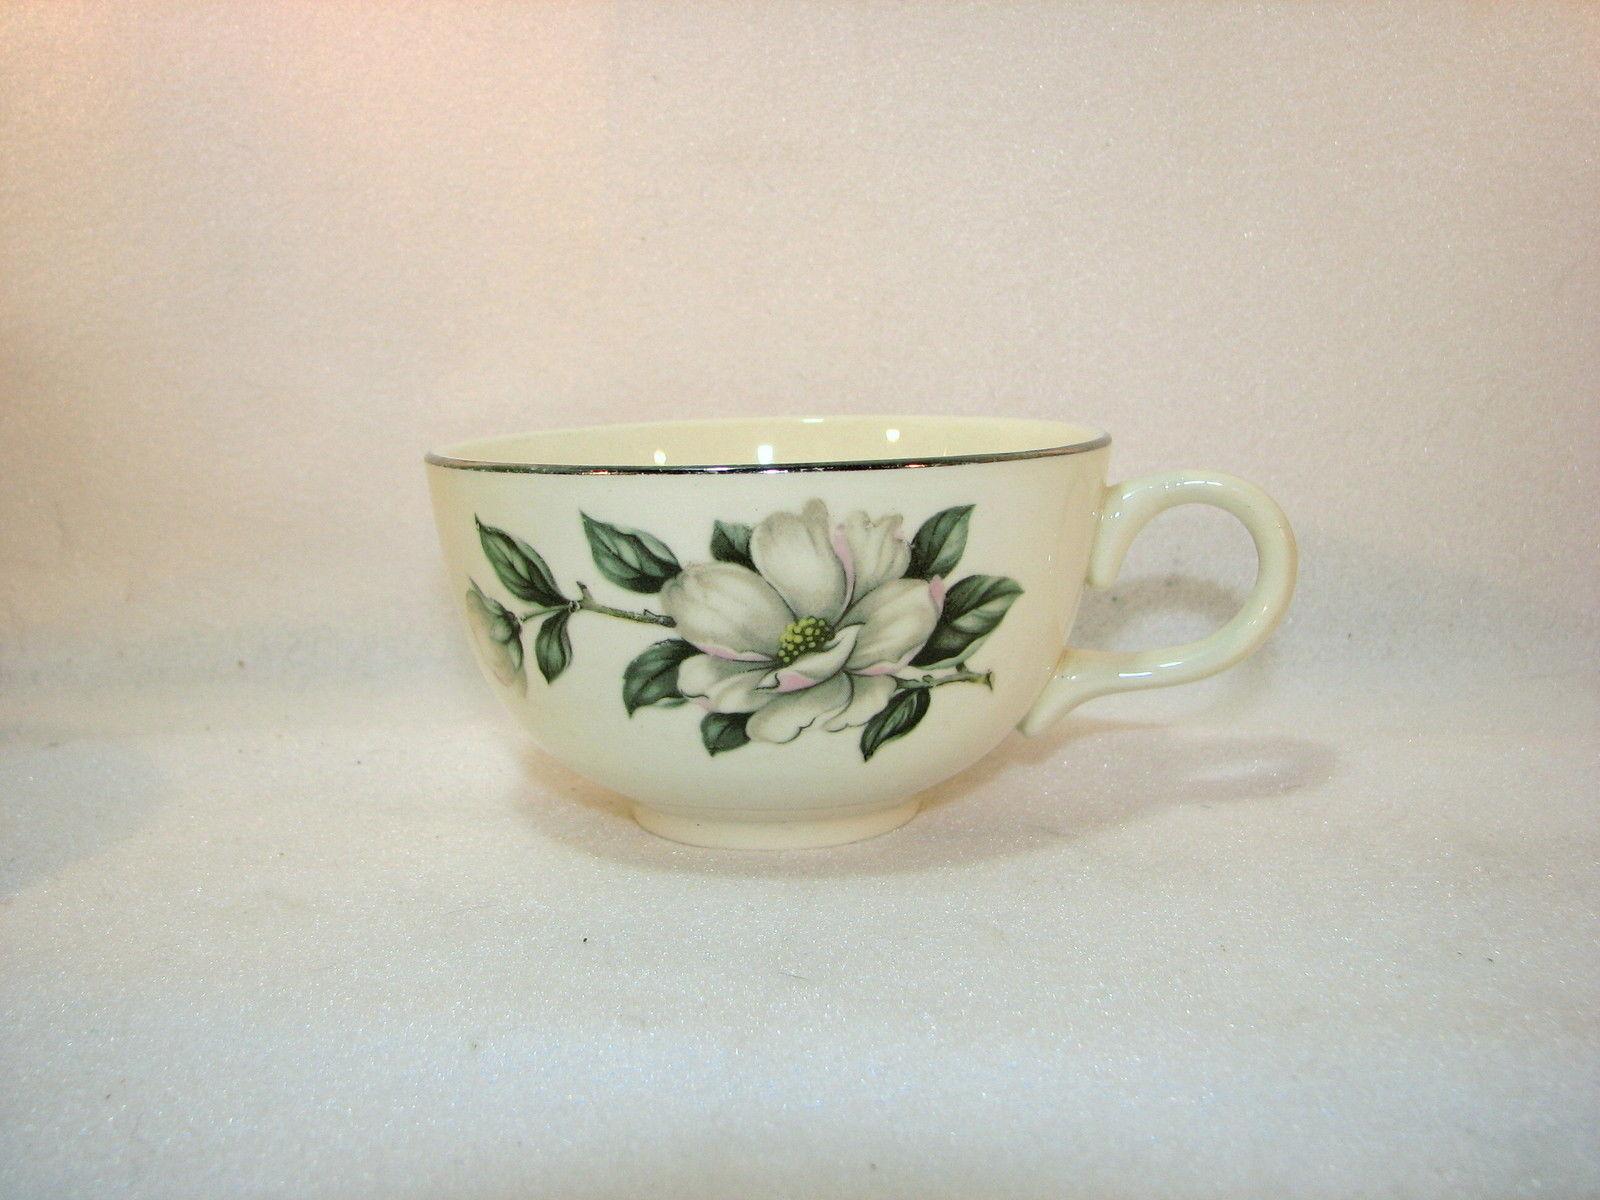 Laughlin Double Magnolia Rhythm Eggshell Coffee Cup Silver Rim K55N5 Set of 4 - $11.34